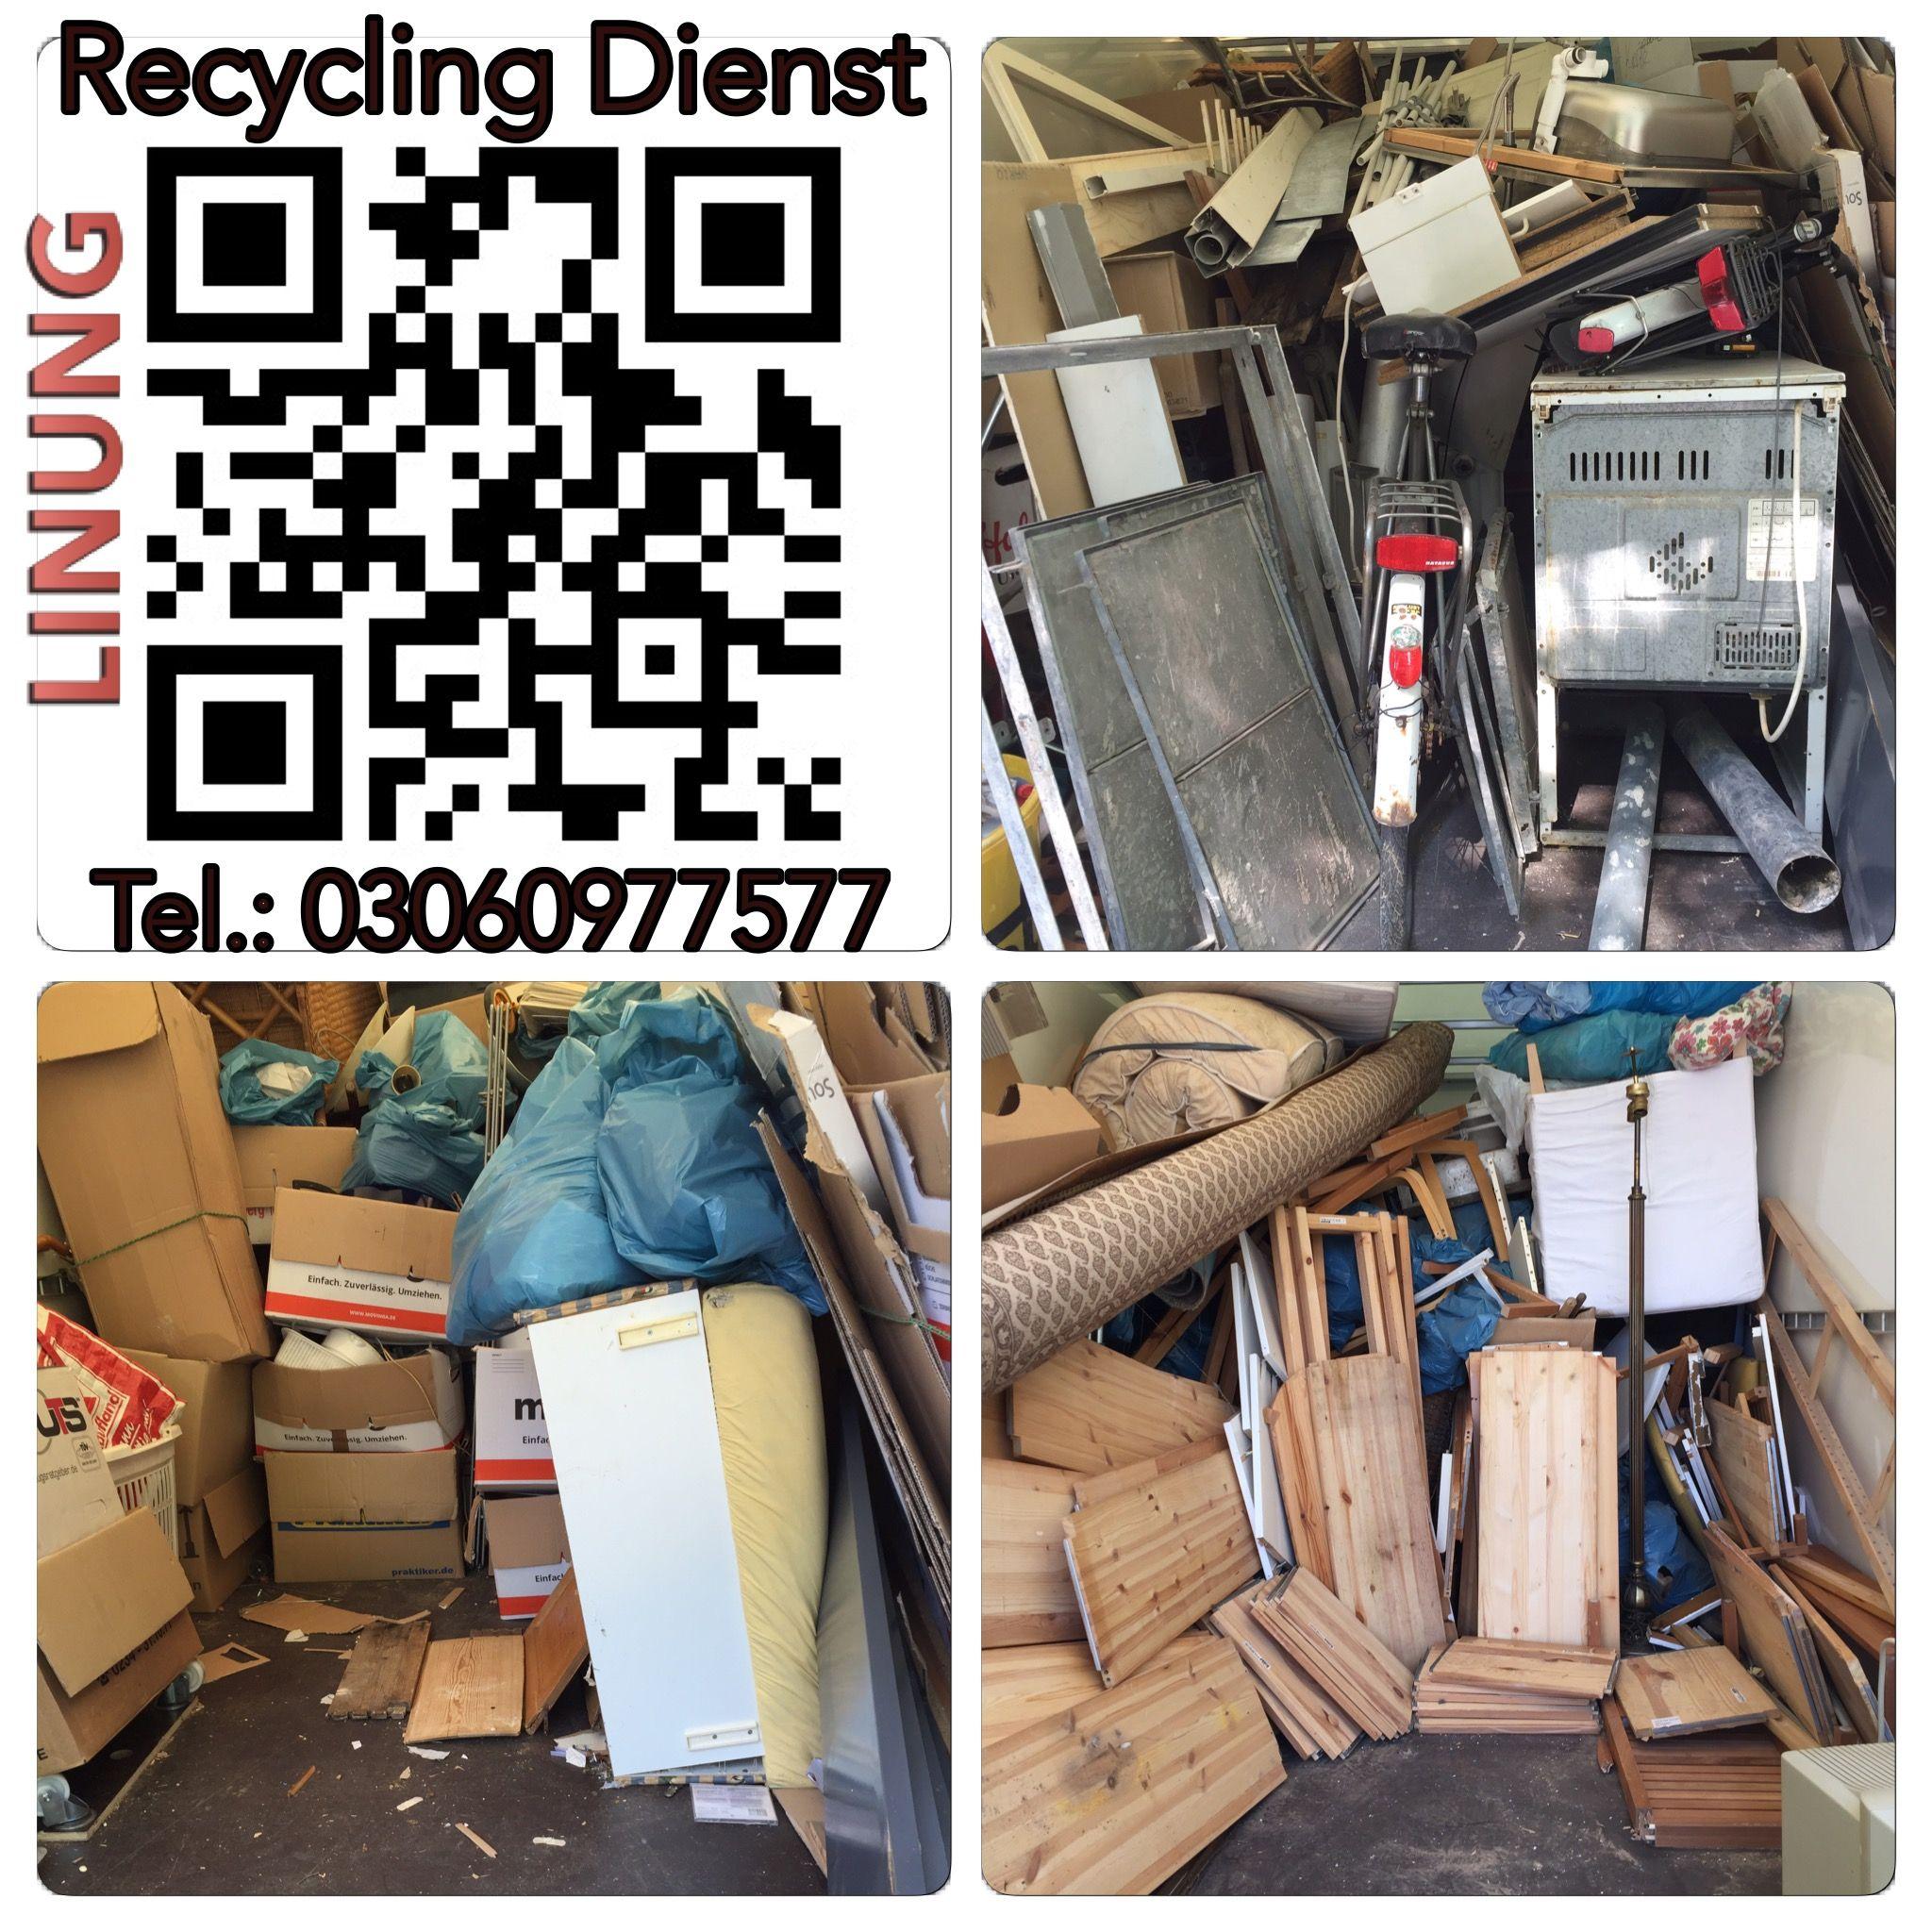 Entrümpelung Recycling Dienst Berlin sofort Service Haushaltsauflösung http://bit.ly/2apB9QQ Sperrmüllabholung Wohnung Keller entrümpeln heute lassen Tel.: 03060977577